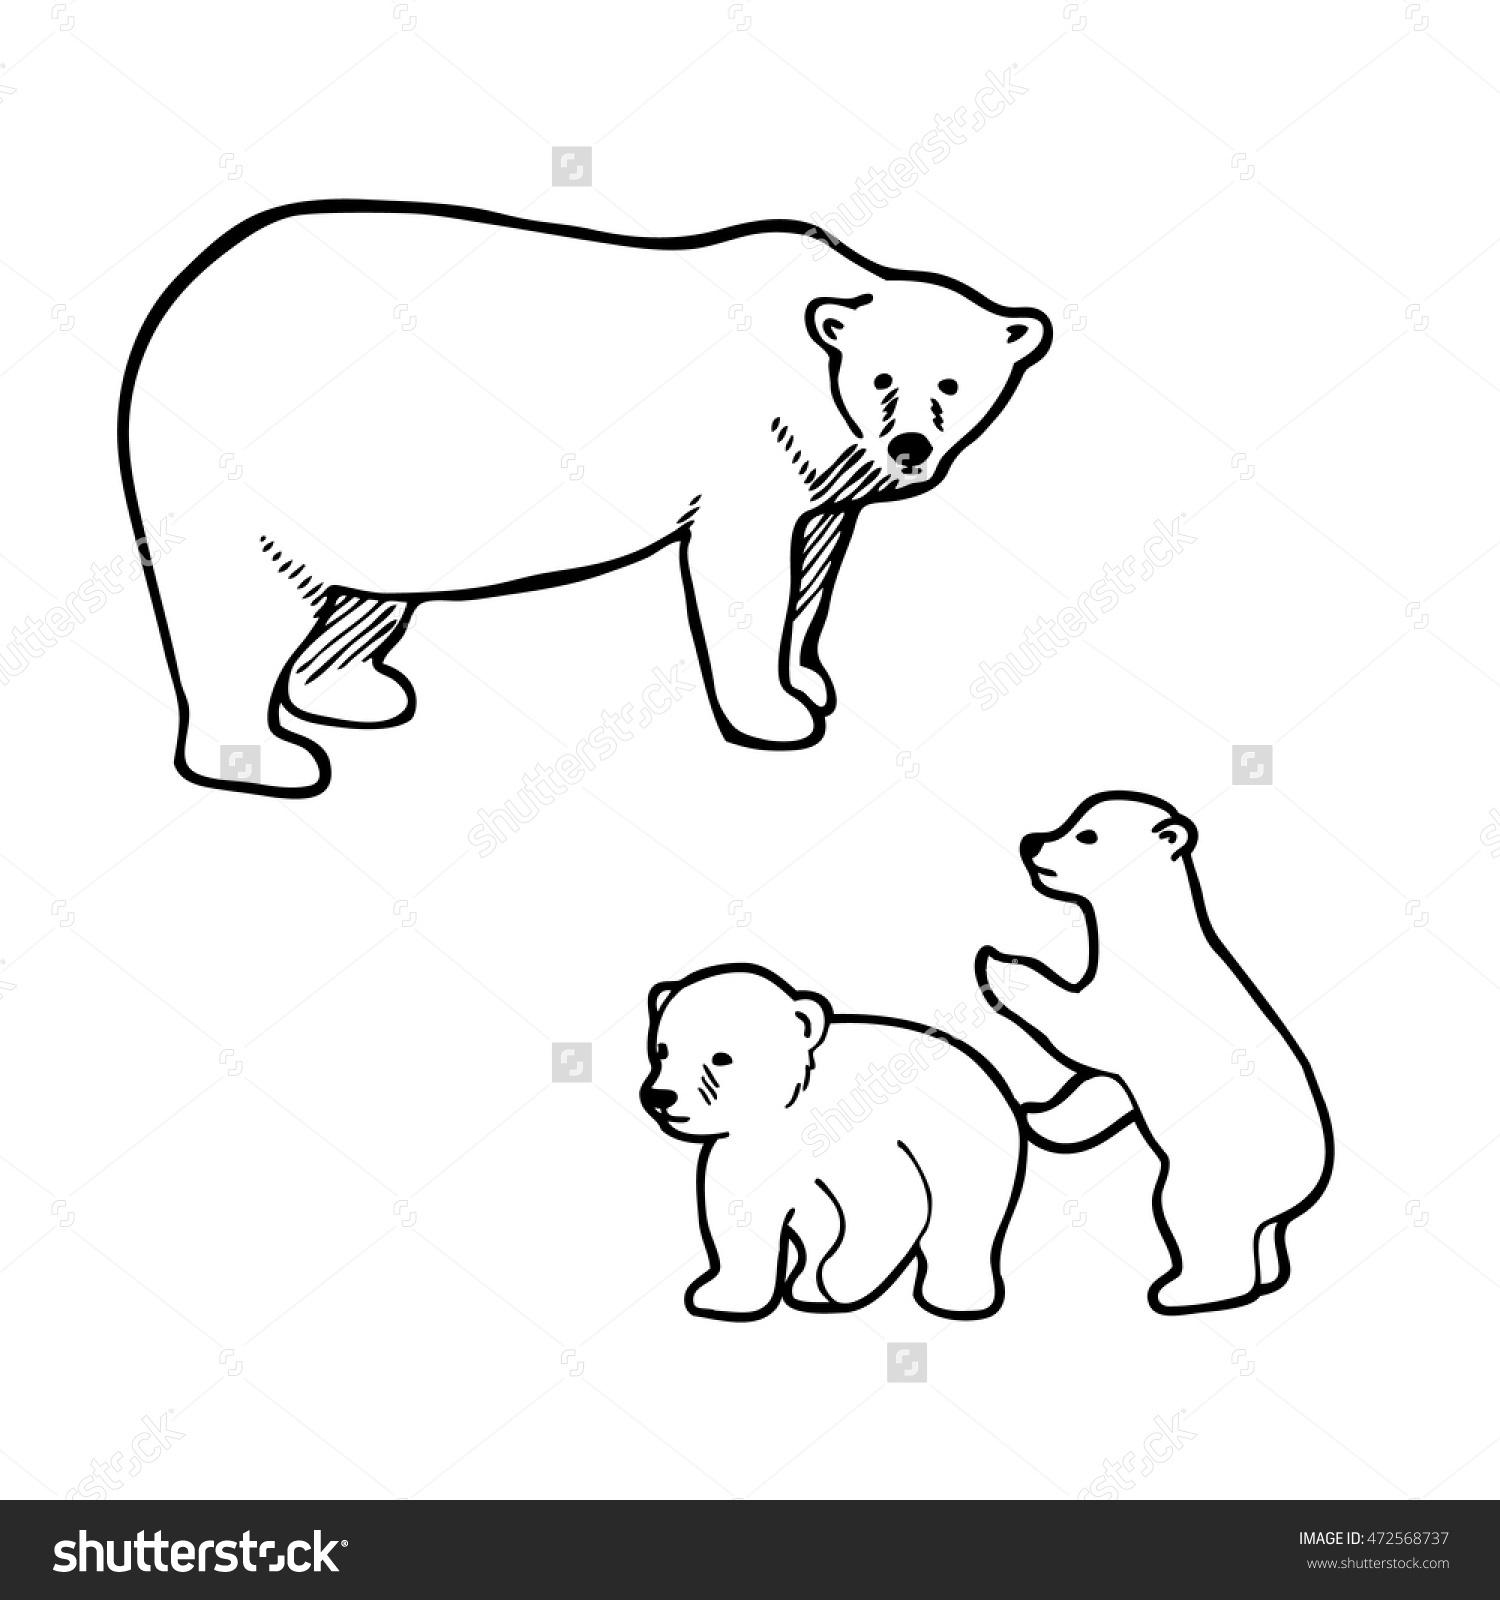 1500x1600 Polar Bear Outline Drawing Polar Bear Playing Cubs Outline Vector